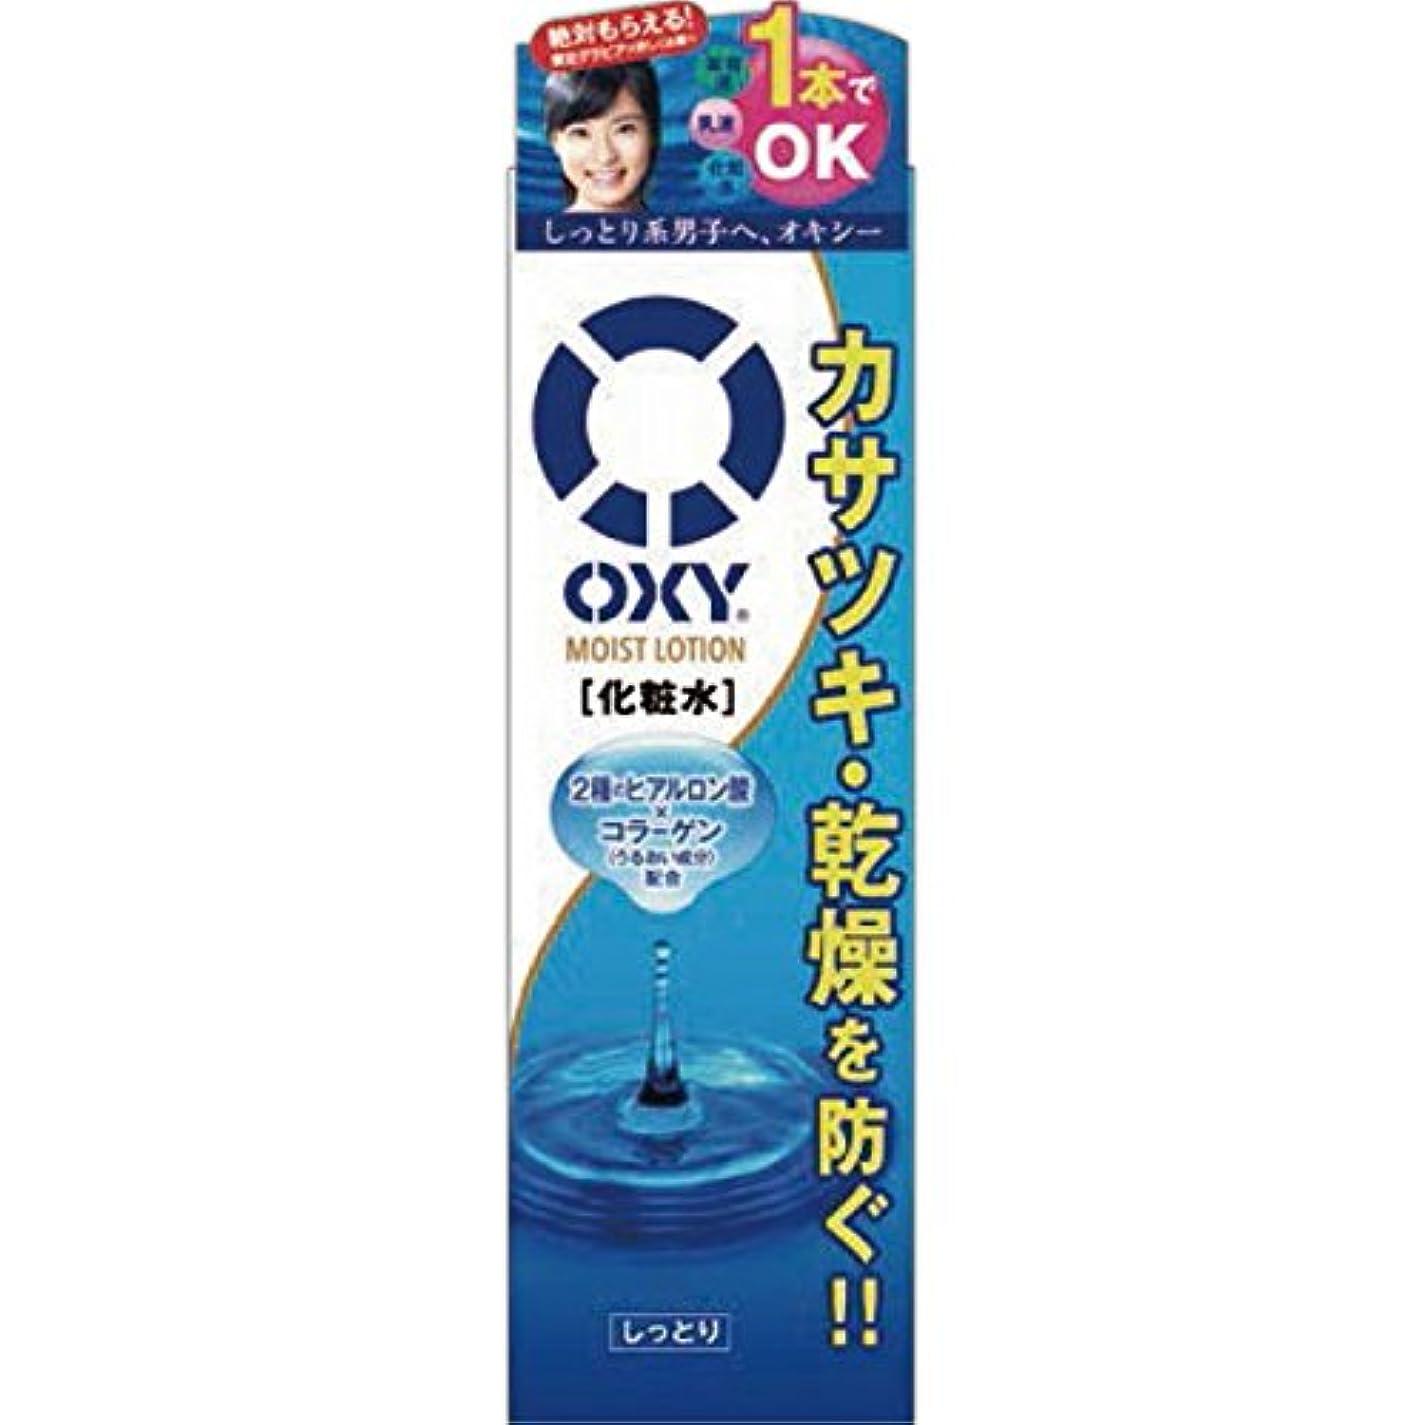 カジュアル炭素小屋オキシー (Oxy) モイストローション オールインワン化粧水 2種のヒアルロン酸×コラーゲン配合 ゼラニウムの香 170mL